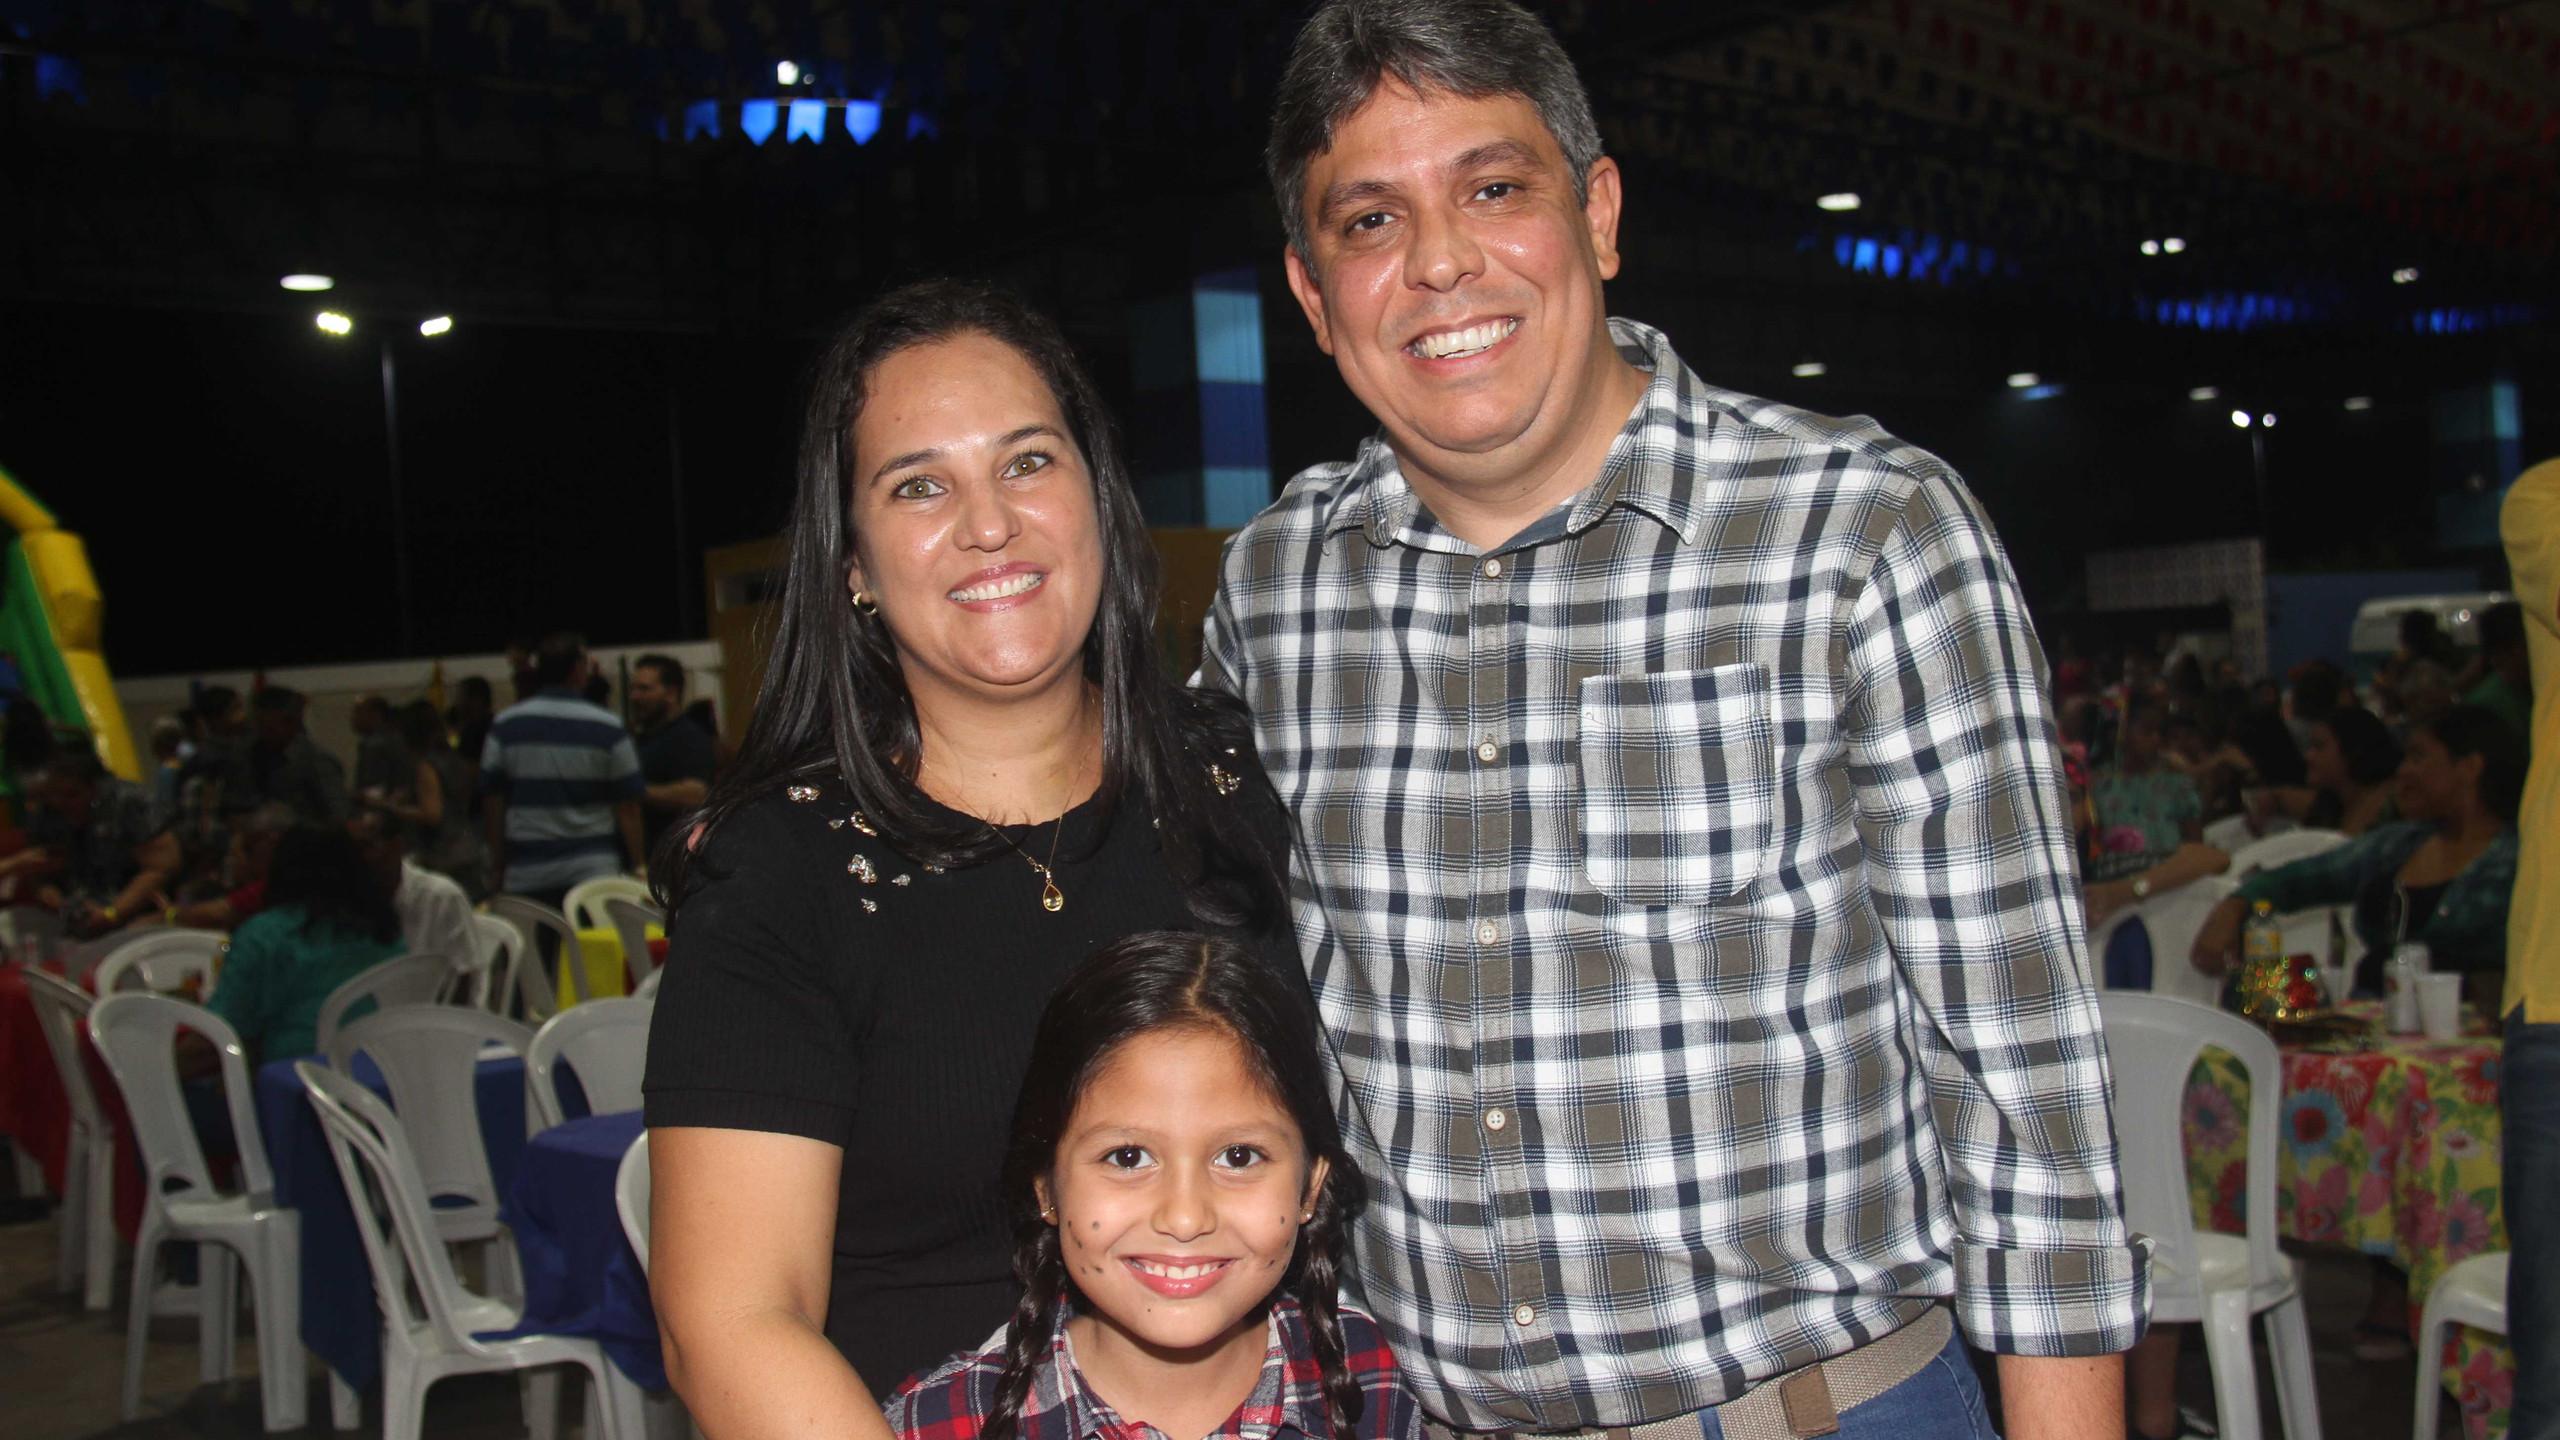 Gislei Sousa com seu marido Augusto Dantas Presidente da Cemar e a filha Vitória.